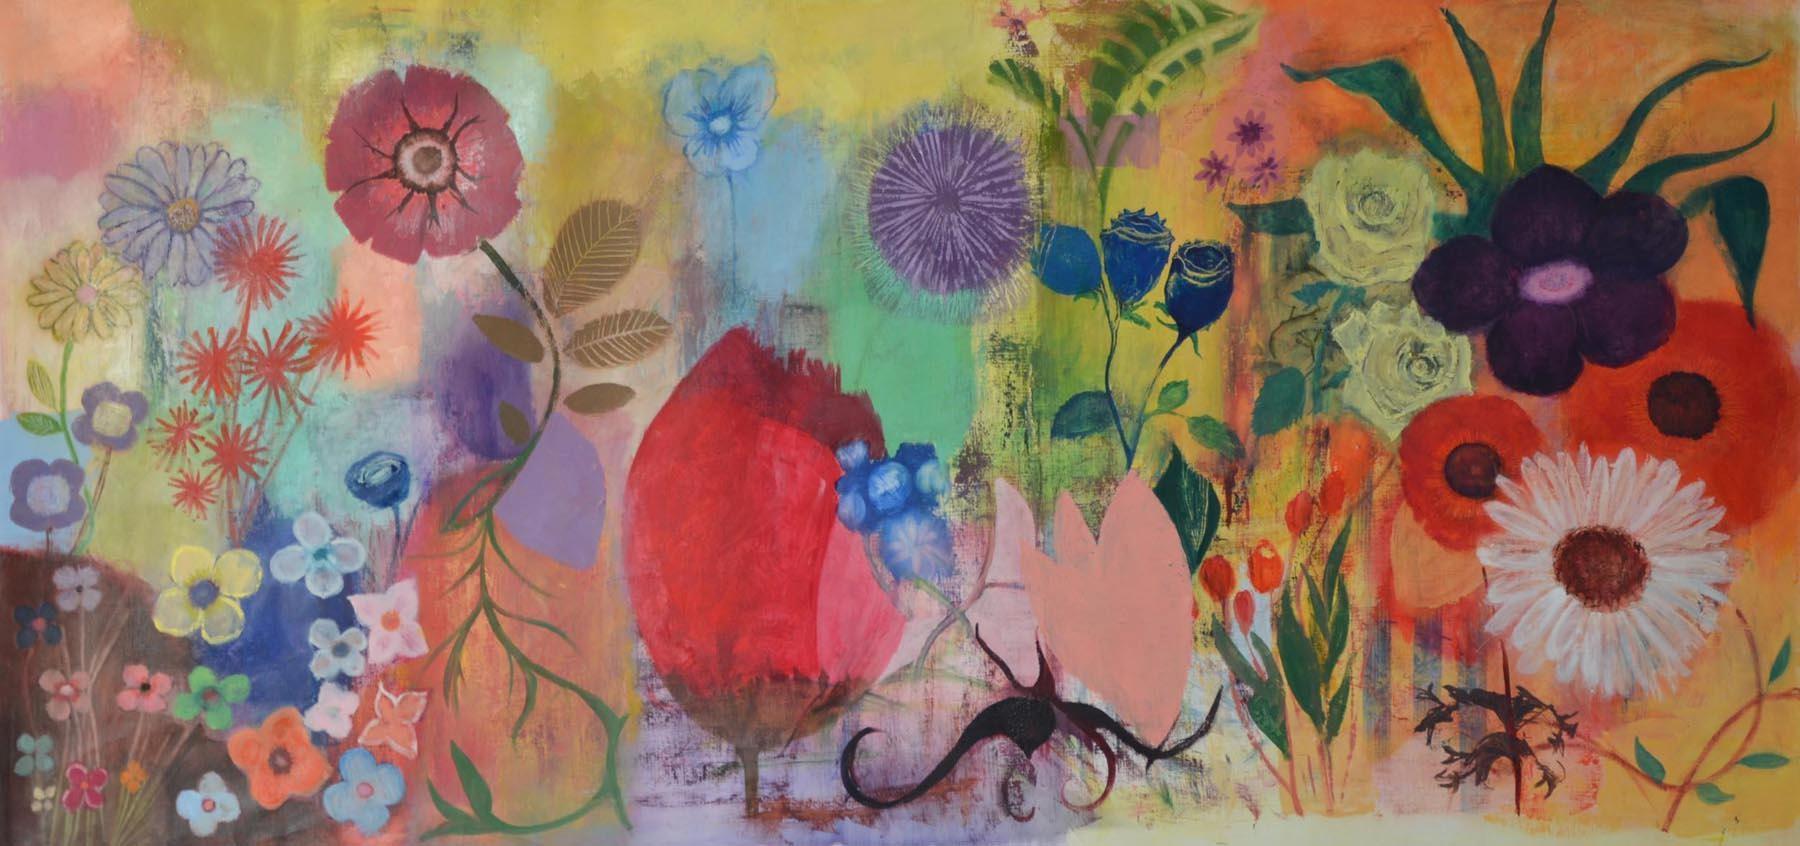 Vous avez dit Fleurs? 2013, Private collection